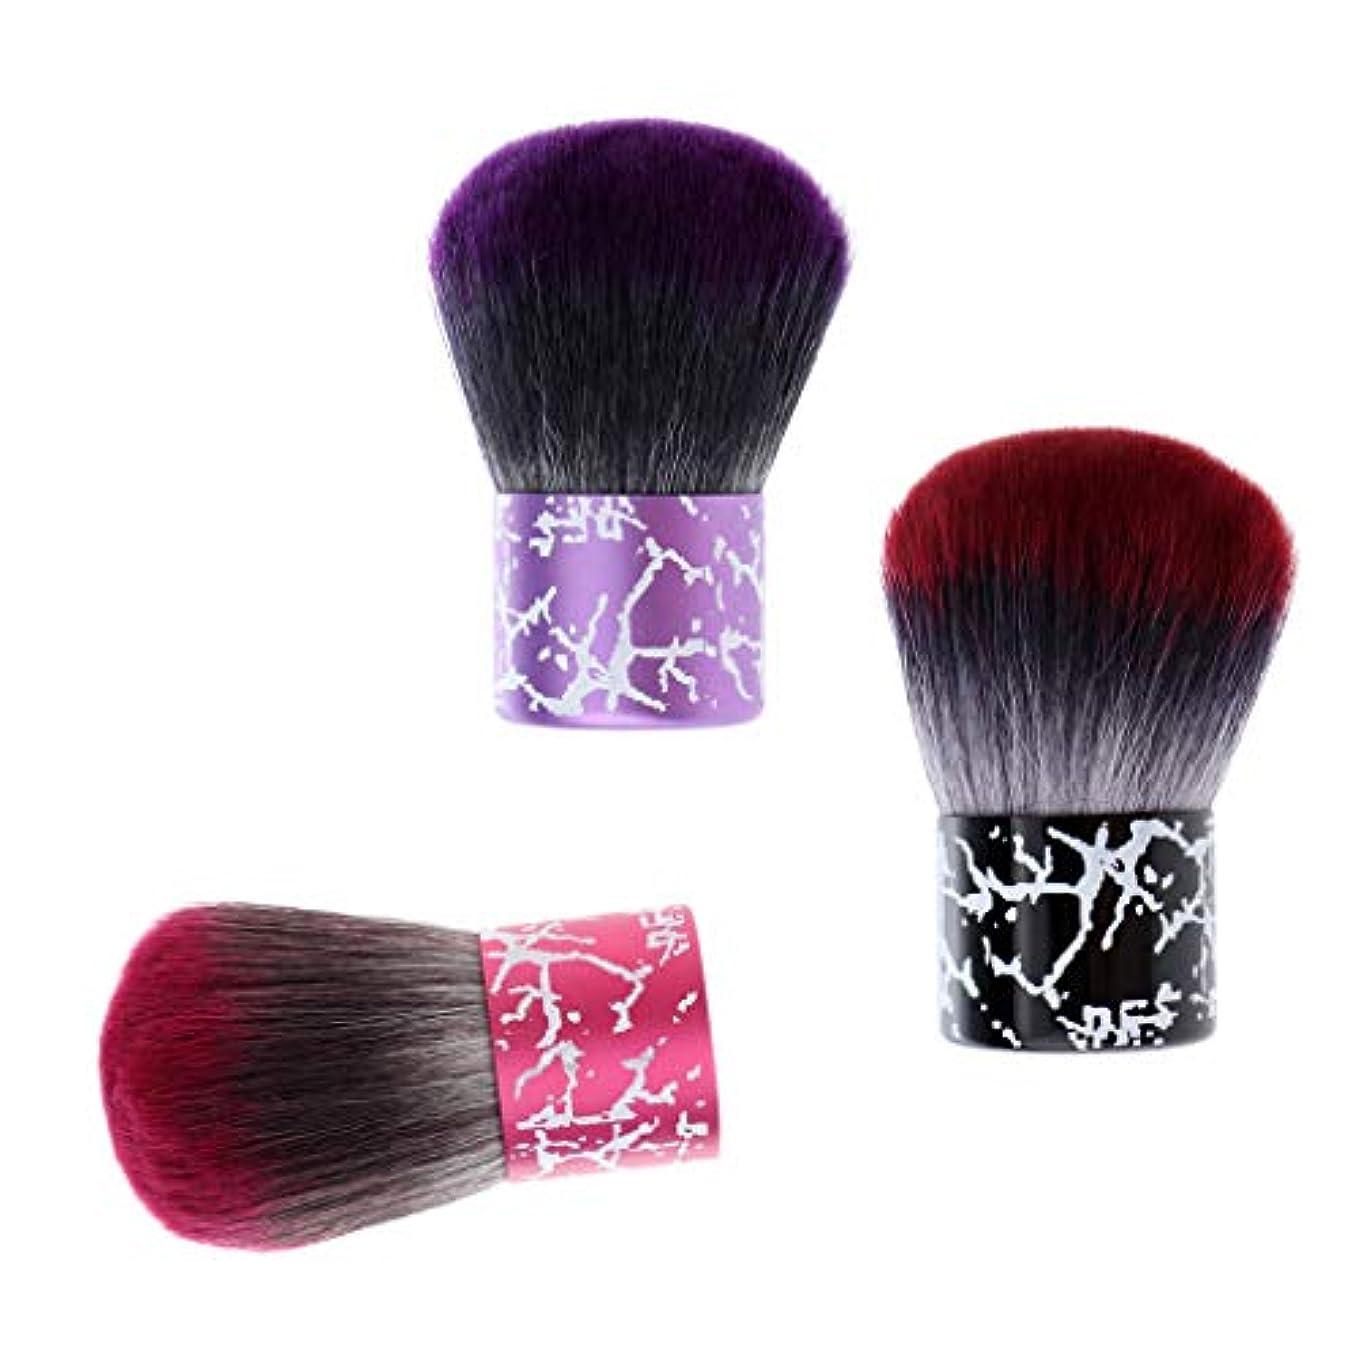 独占まあエアコンSM SunniMix 毛払いブラシ ヘアブラシ 3個入り 散髪 髪切り 散髪用ツール 床屋 理髪店 美容院 ソフトブラシ